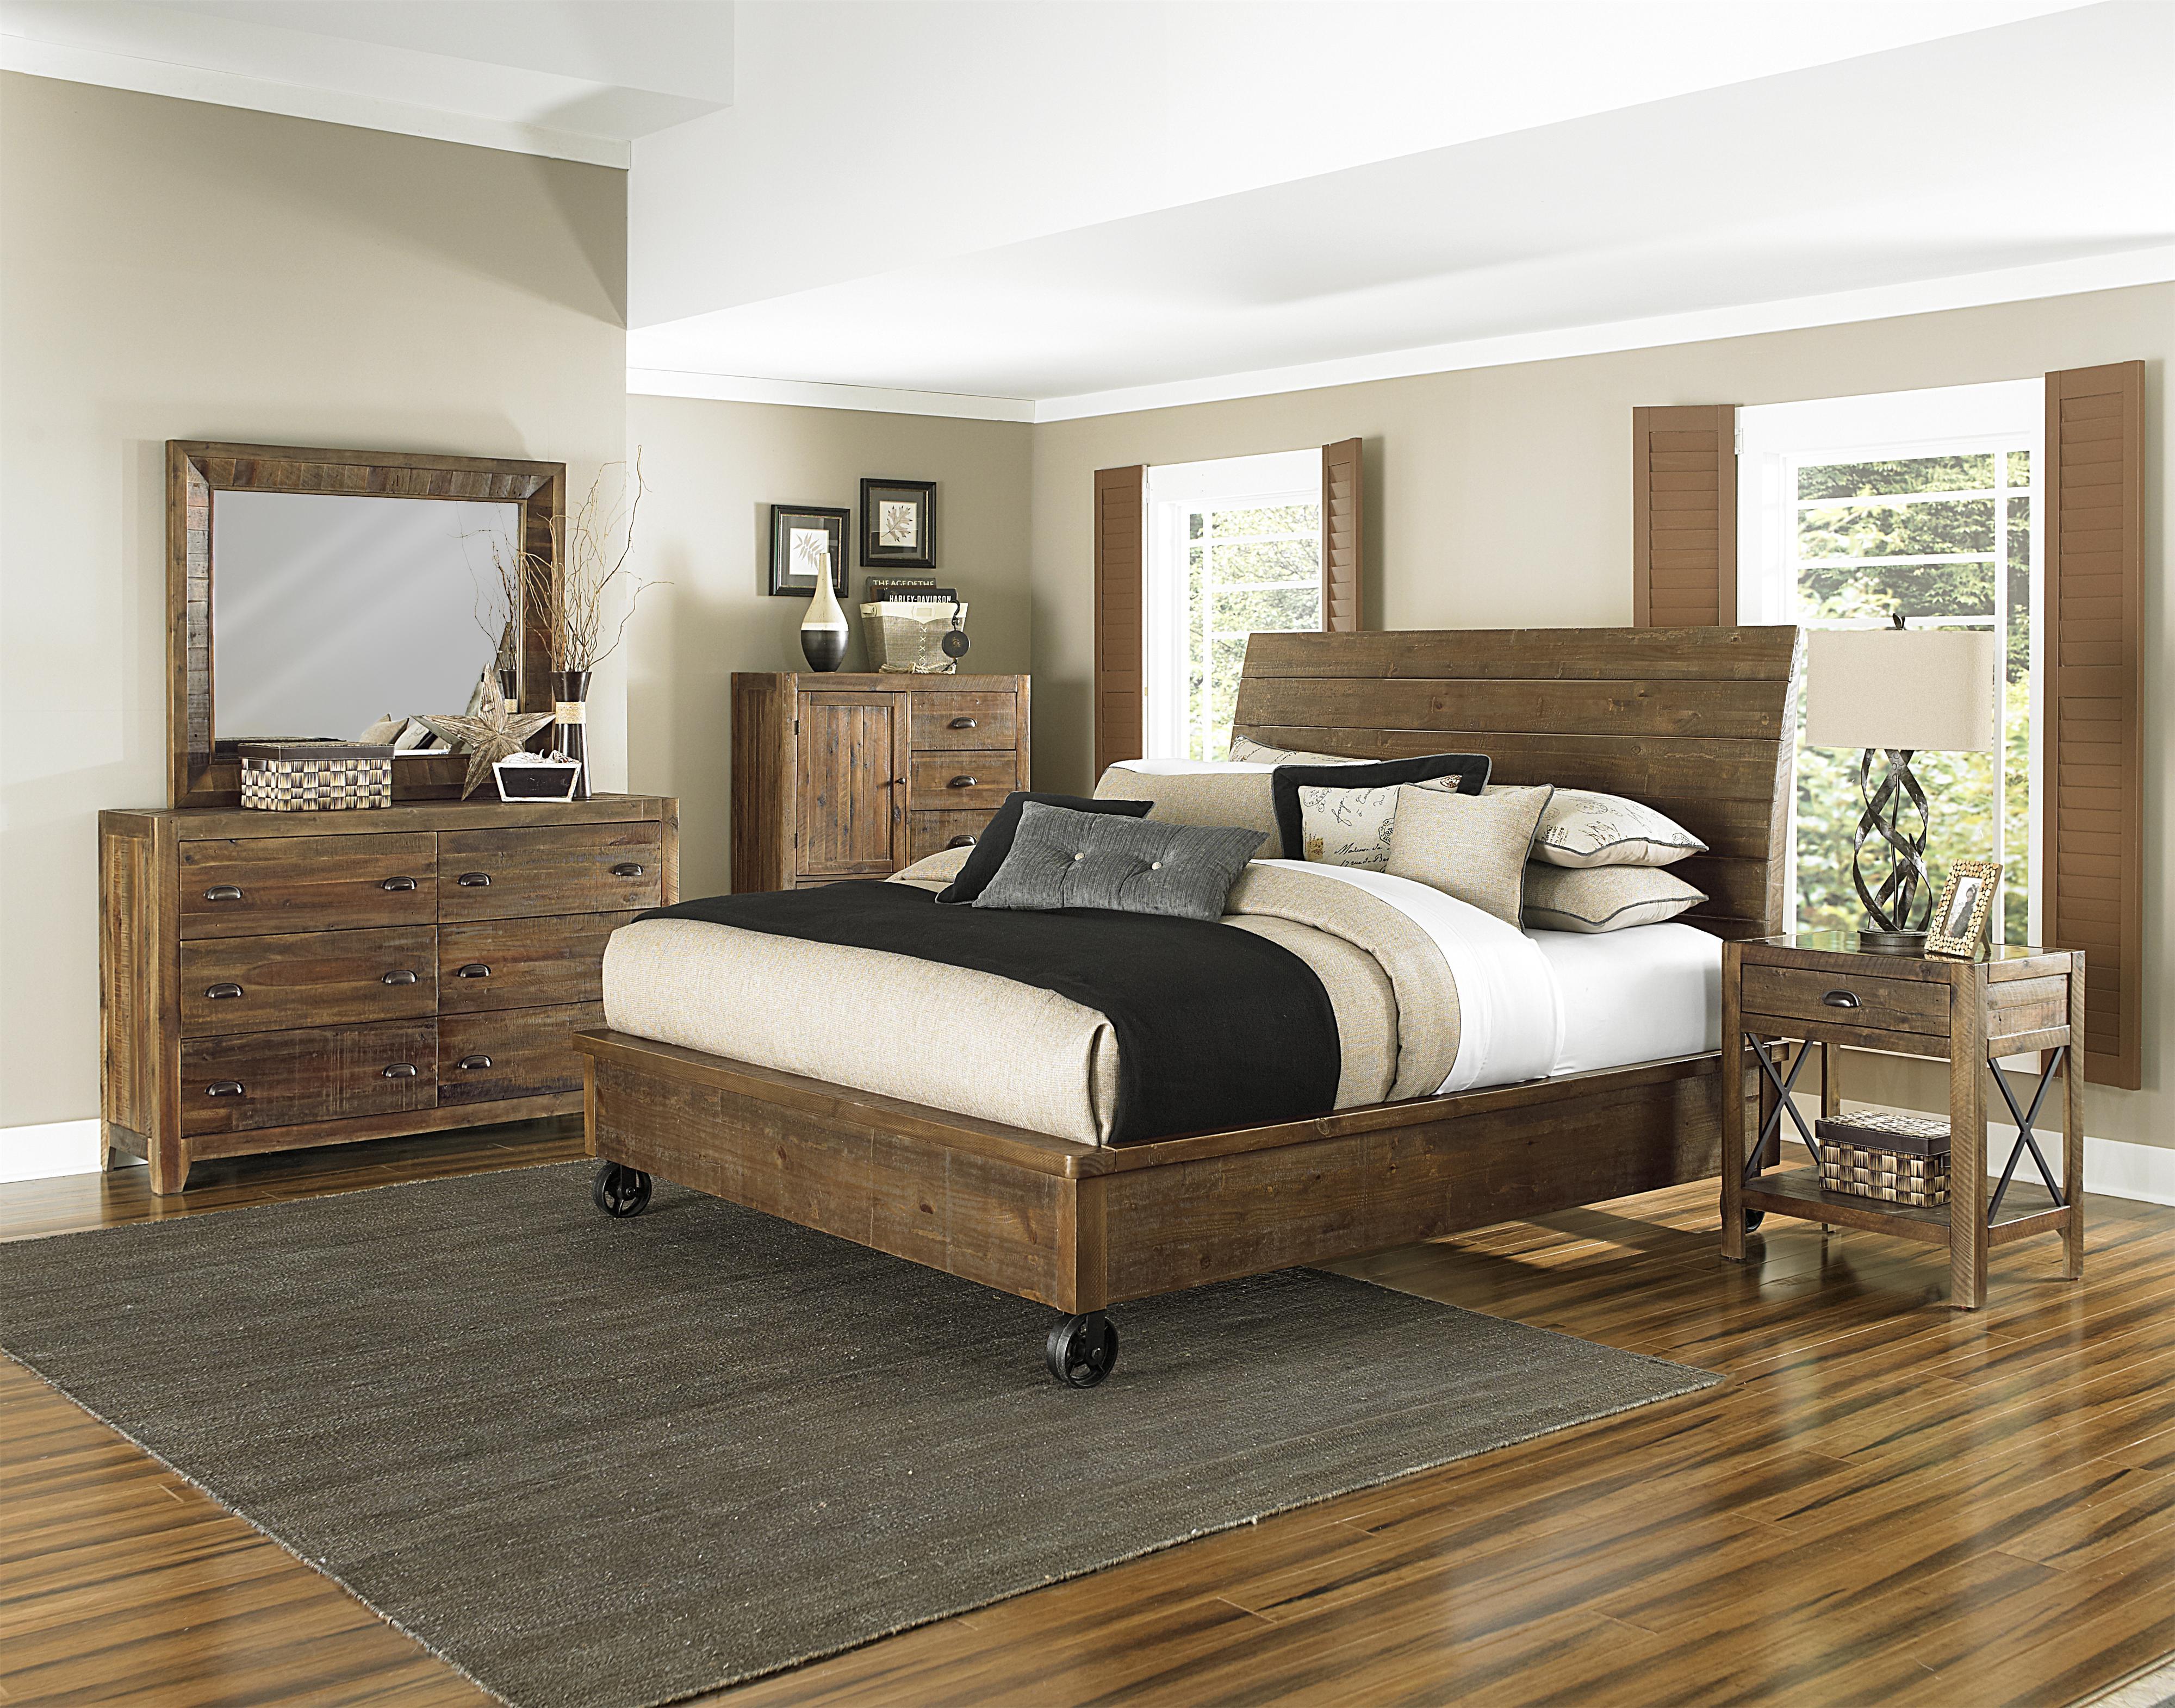 Magnussen Home  River Ridge Queen Bedroom Group - Item Number: B2375 QBedroom Group 1